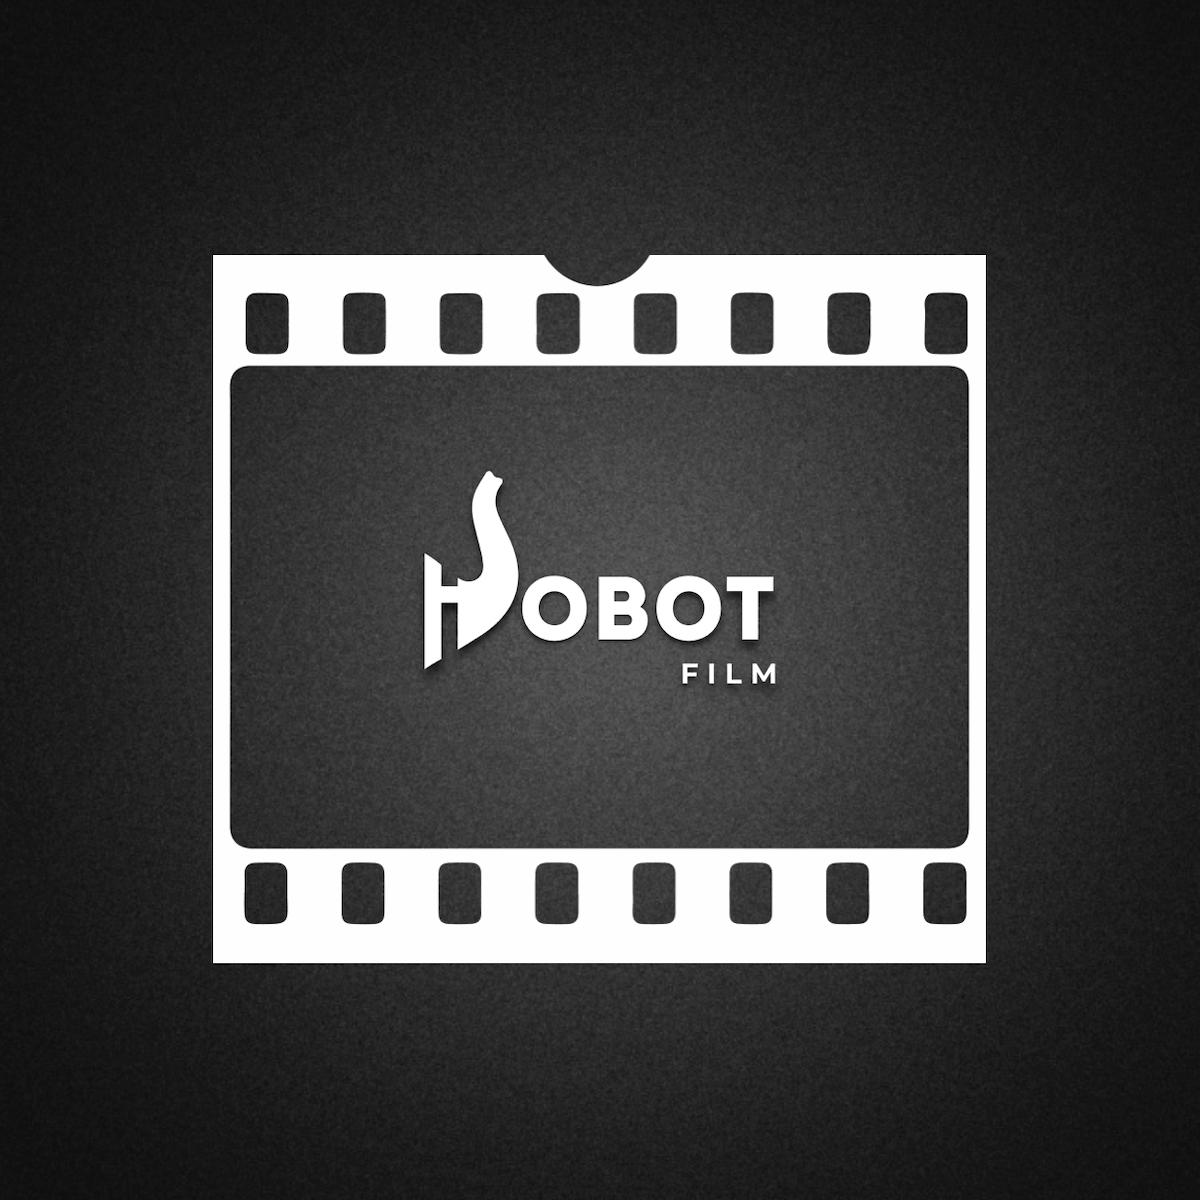 Logo, brand and website development for Hobot Film